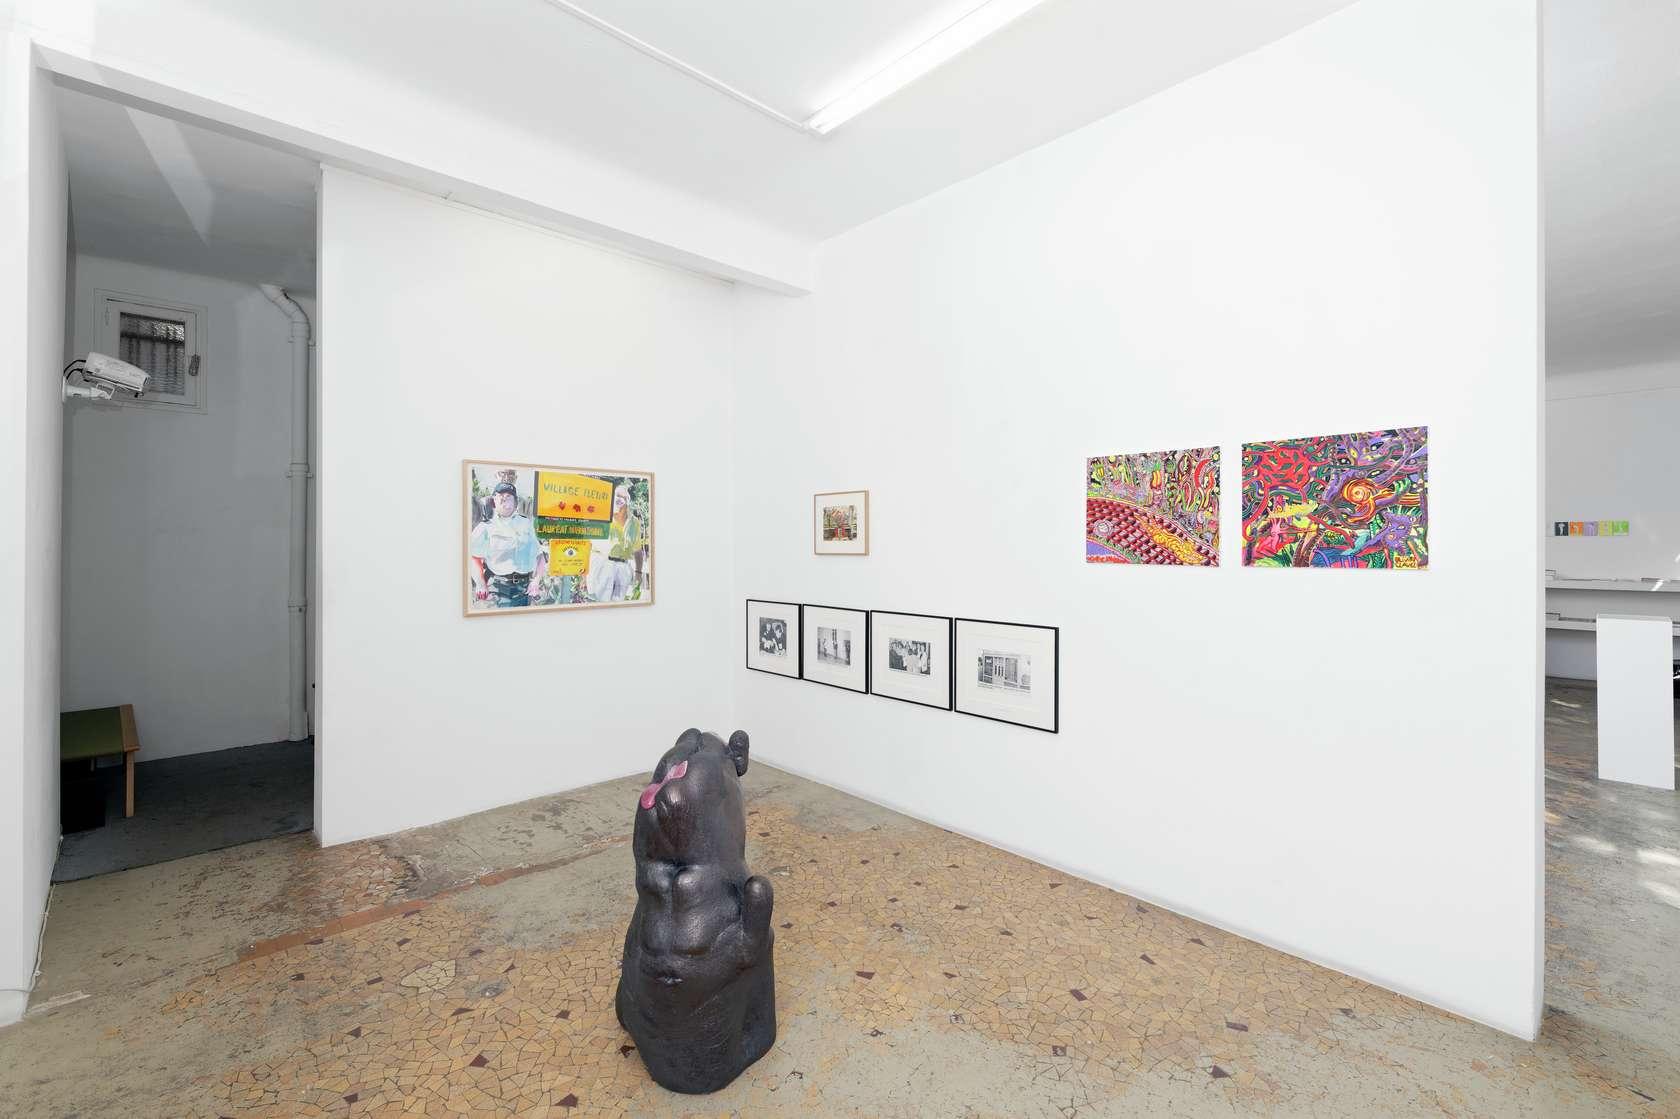 Steve Gianakos, Taroop & Glabel & Willem Topor n'est pas mort (group) - Galerie Anne Barrault - Paris Semiose 7 septembre  — 26 octobre 2019